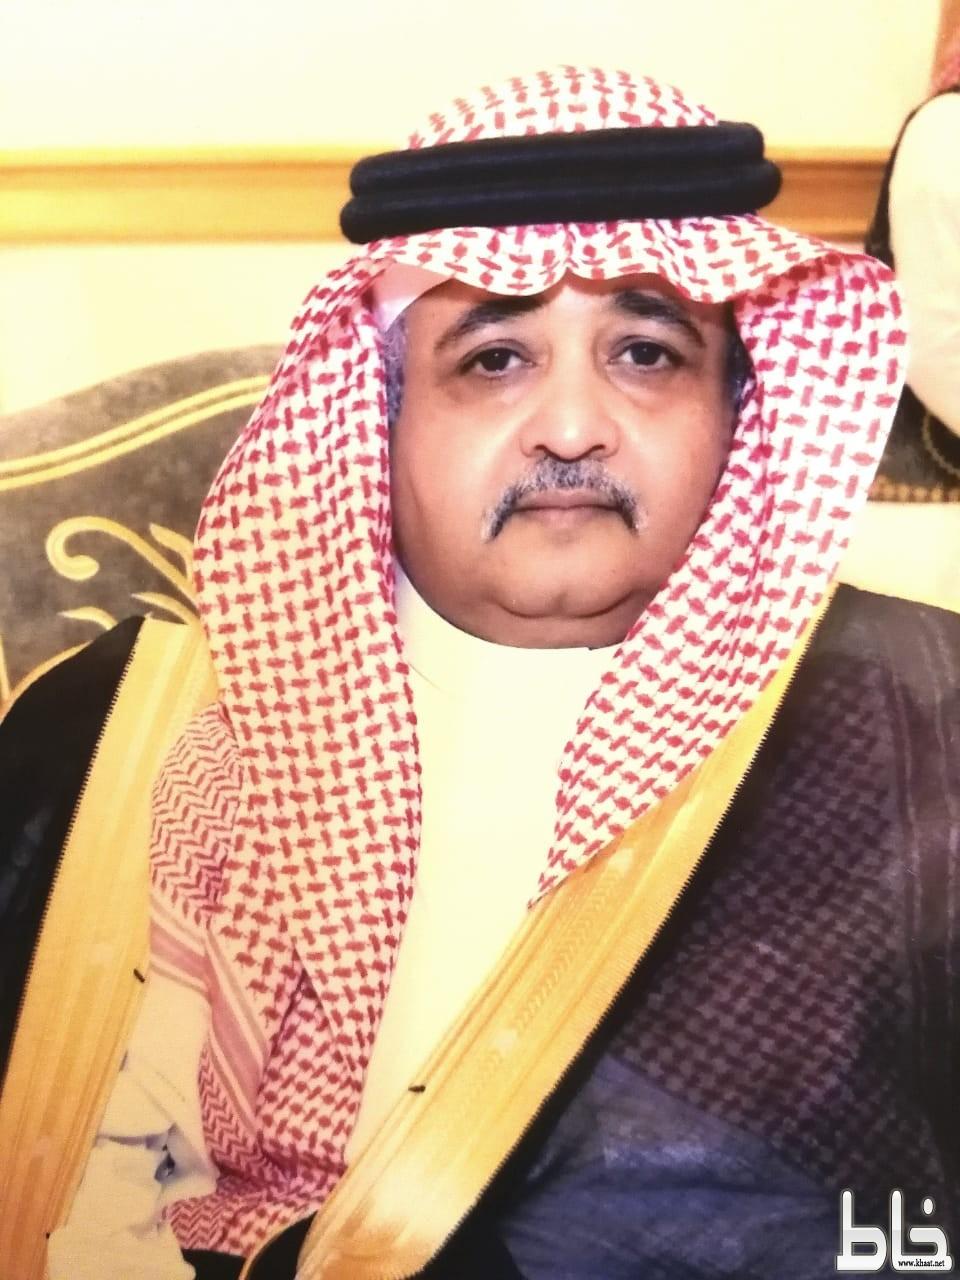 العقيد أحمد زارع الشهري لـ شخصيات : تأثرت بشخصية الملك فيصل ومعجب بولي العهد